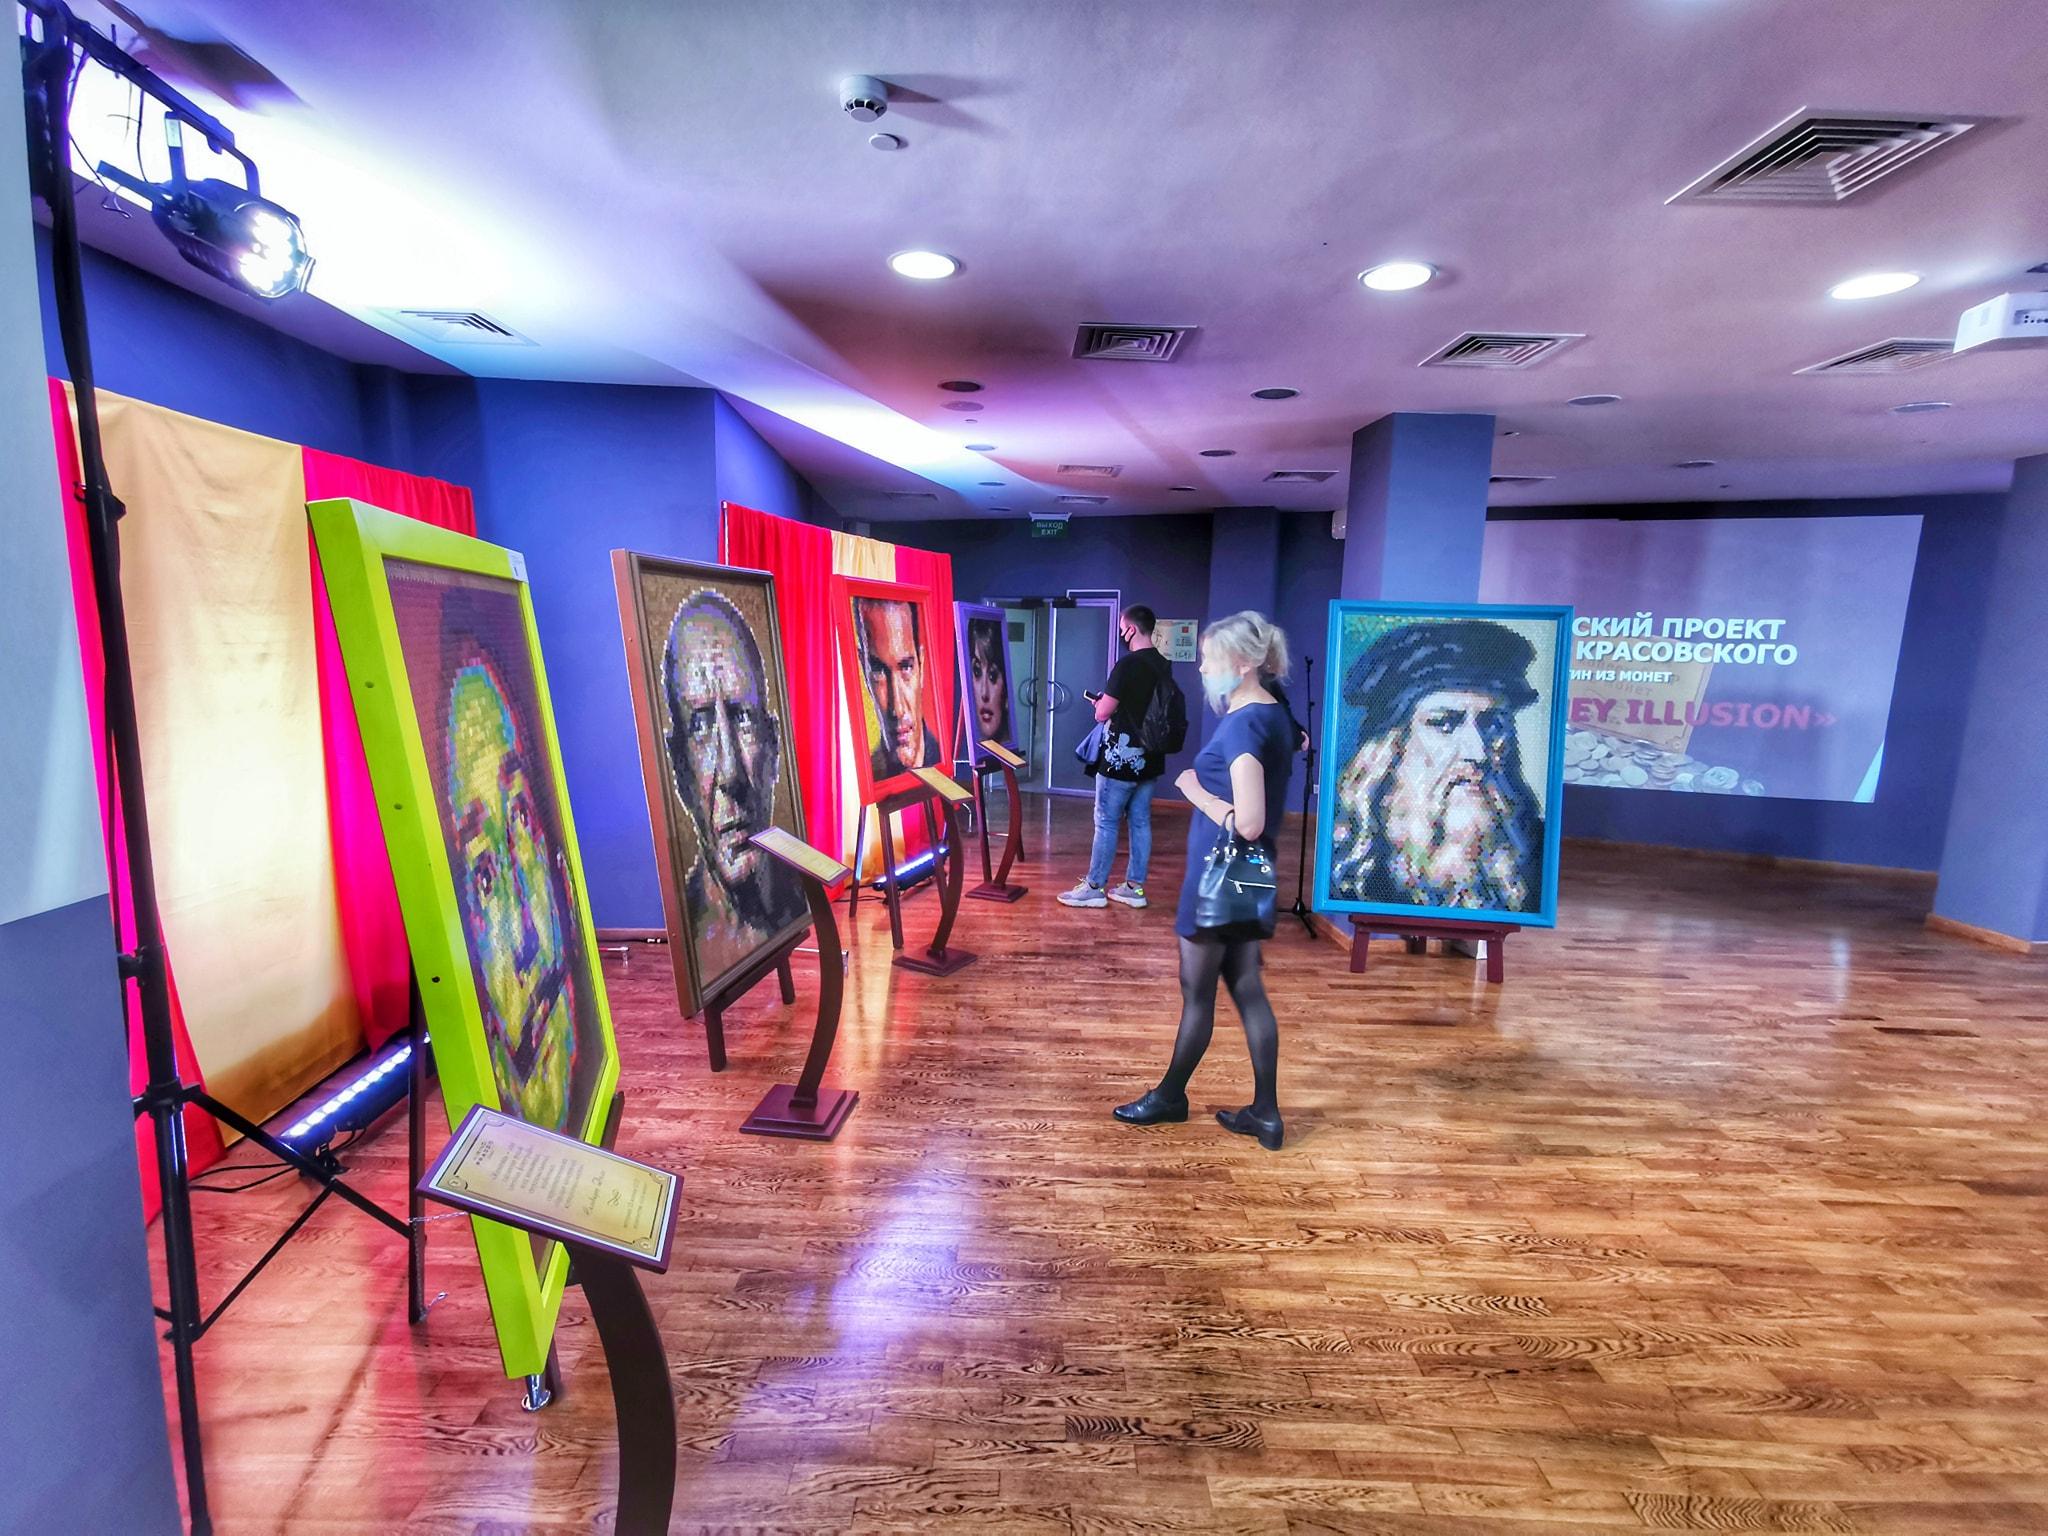 Уникальный выставочный проект «Интрига…продолжение…» открылся в Концертно-зрелищном центре Ярославля